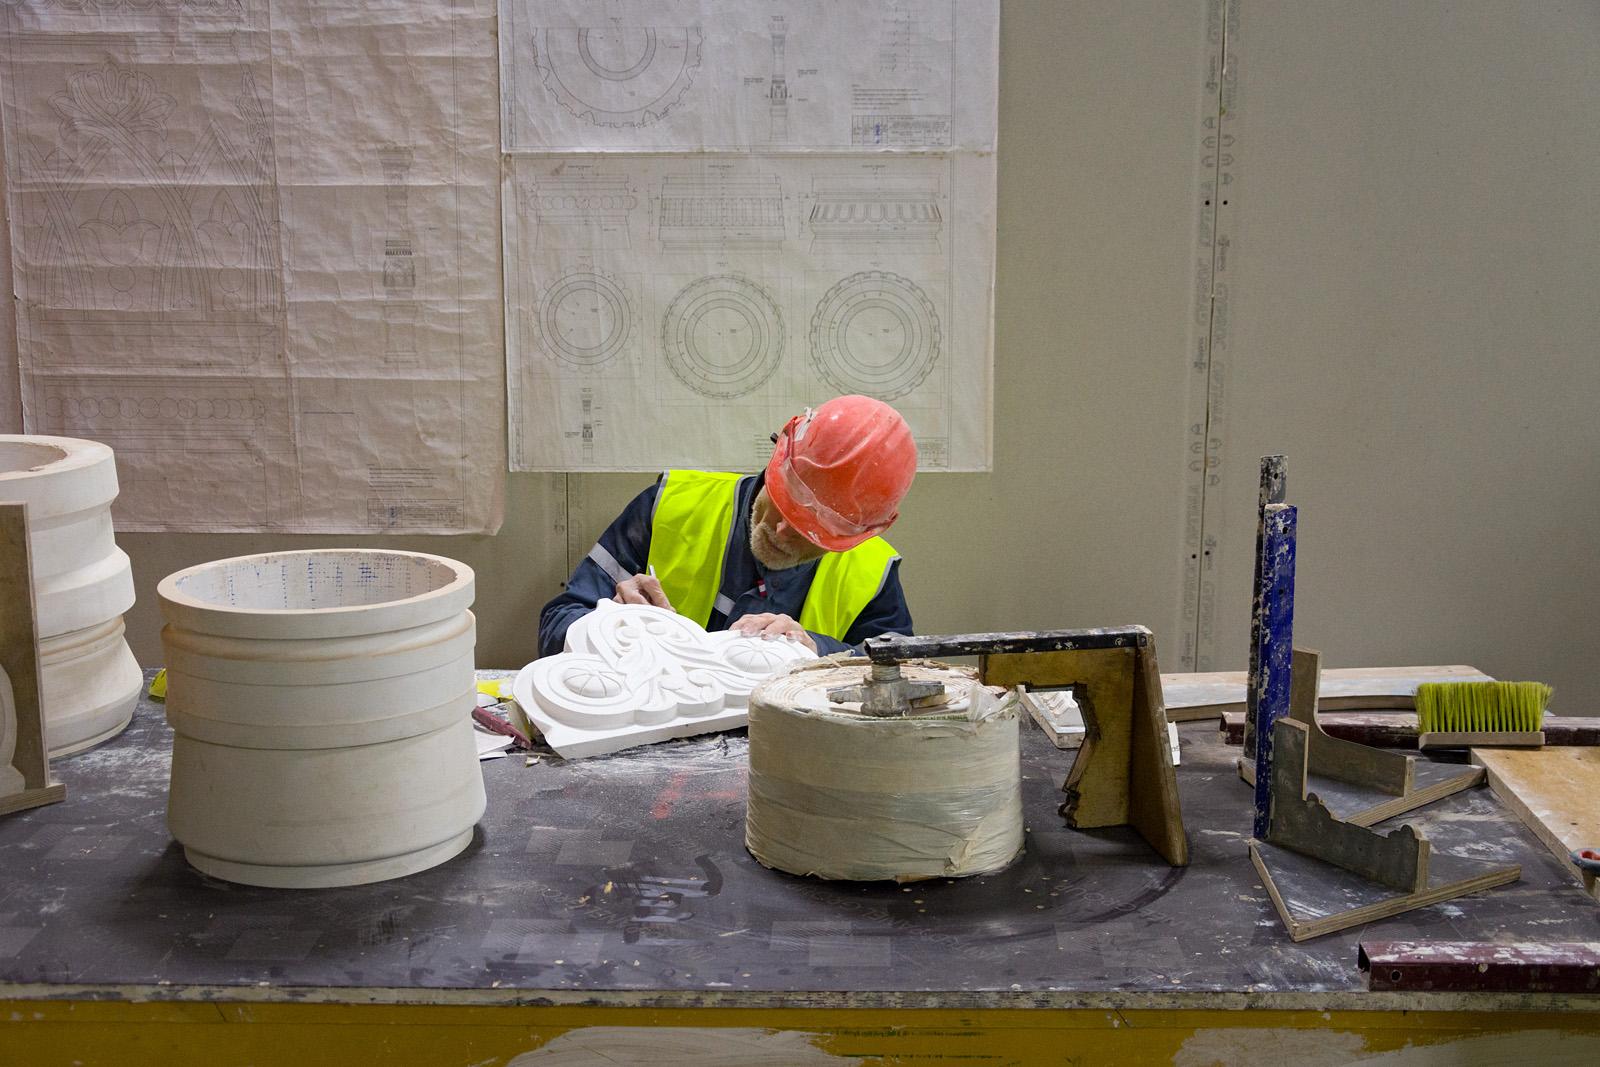 Как идёт реконструкция Политехнического музея? Часть 1 - 36